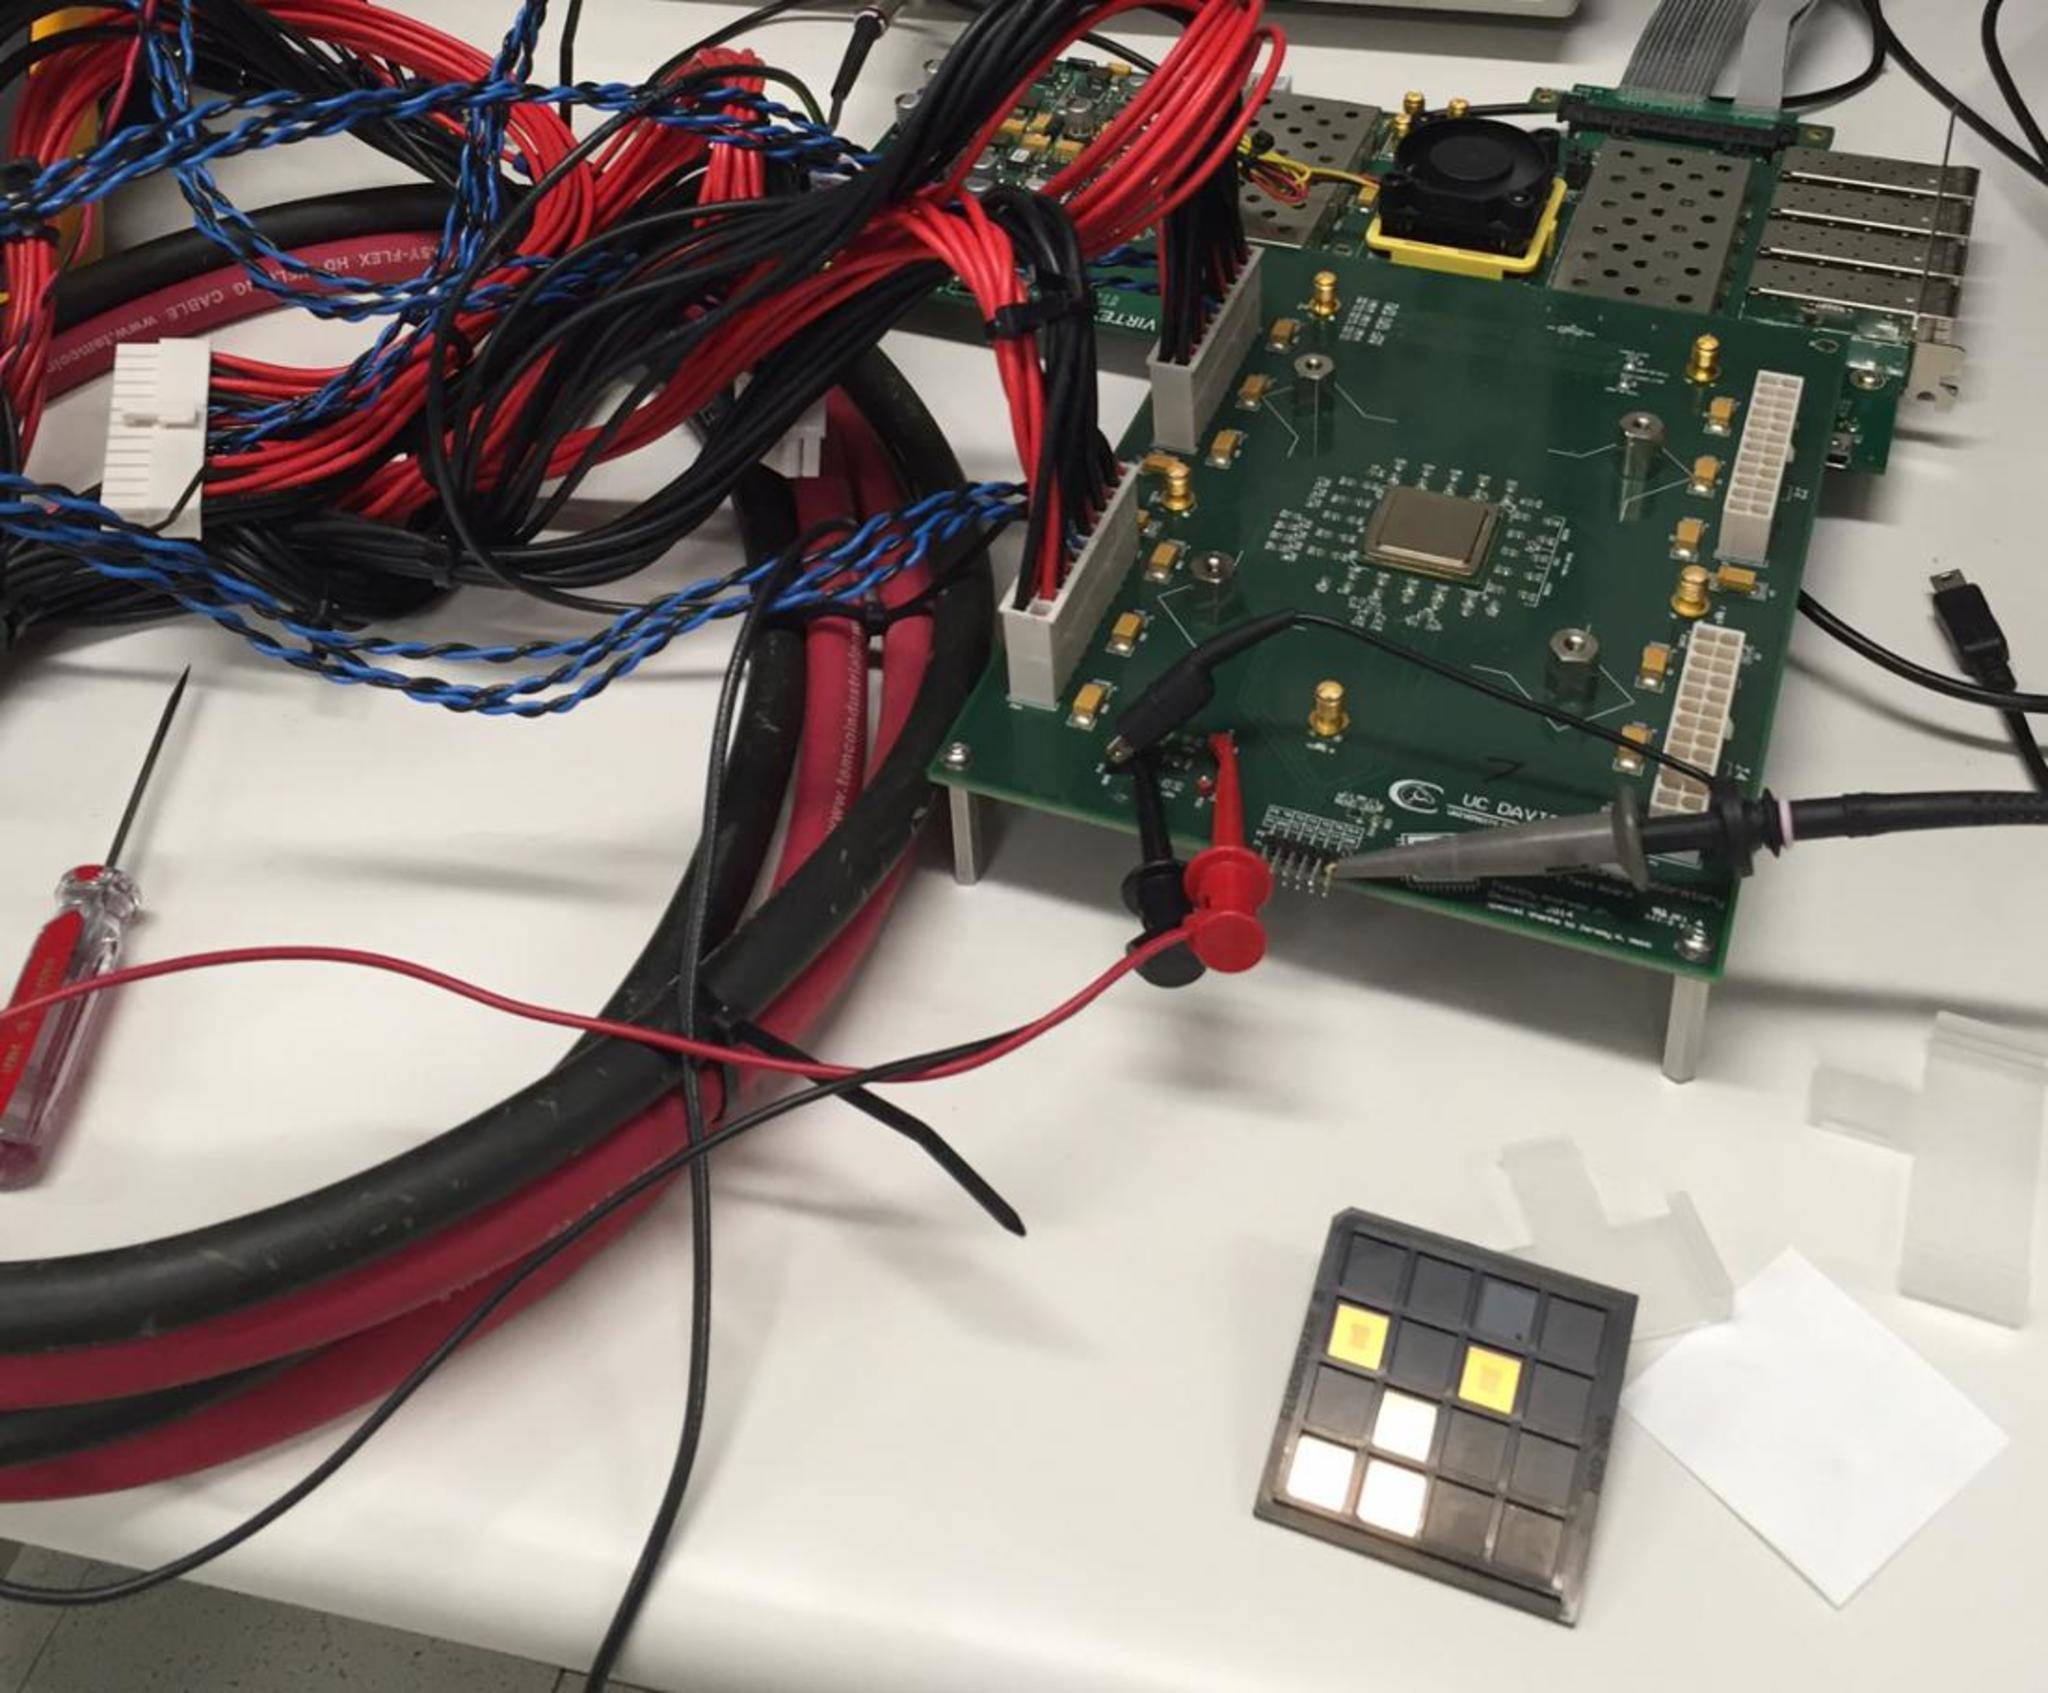 Wissenschaftler der UC Davis haben den ersten 1000-Kern-Prozessor entwickelt.